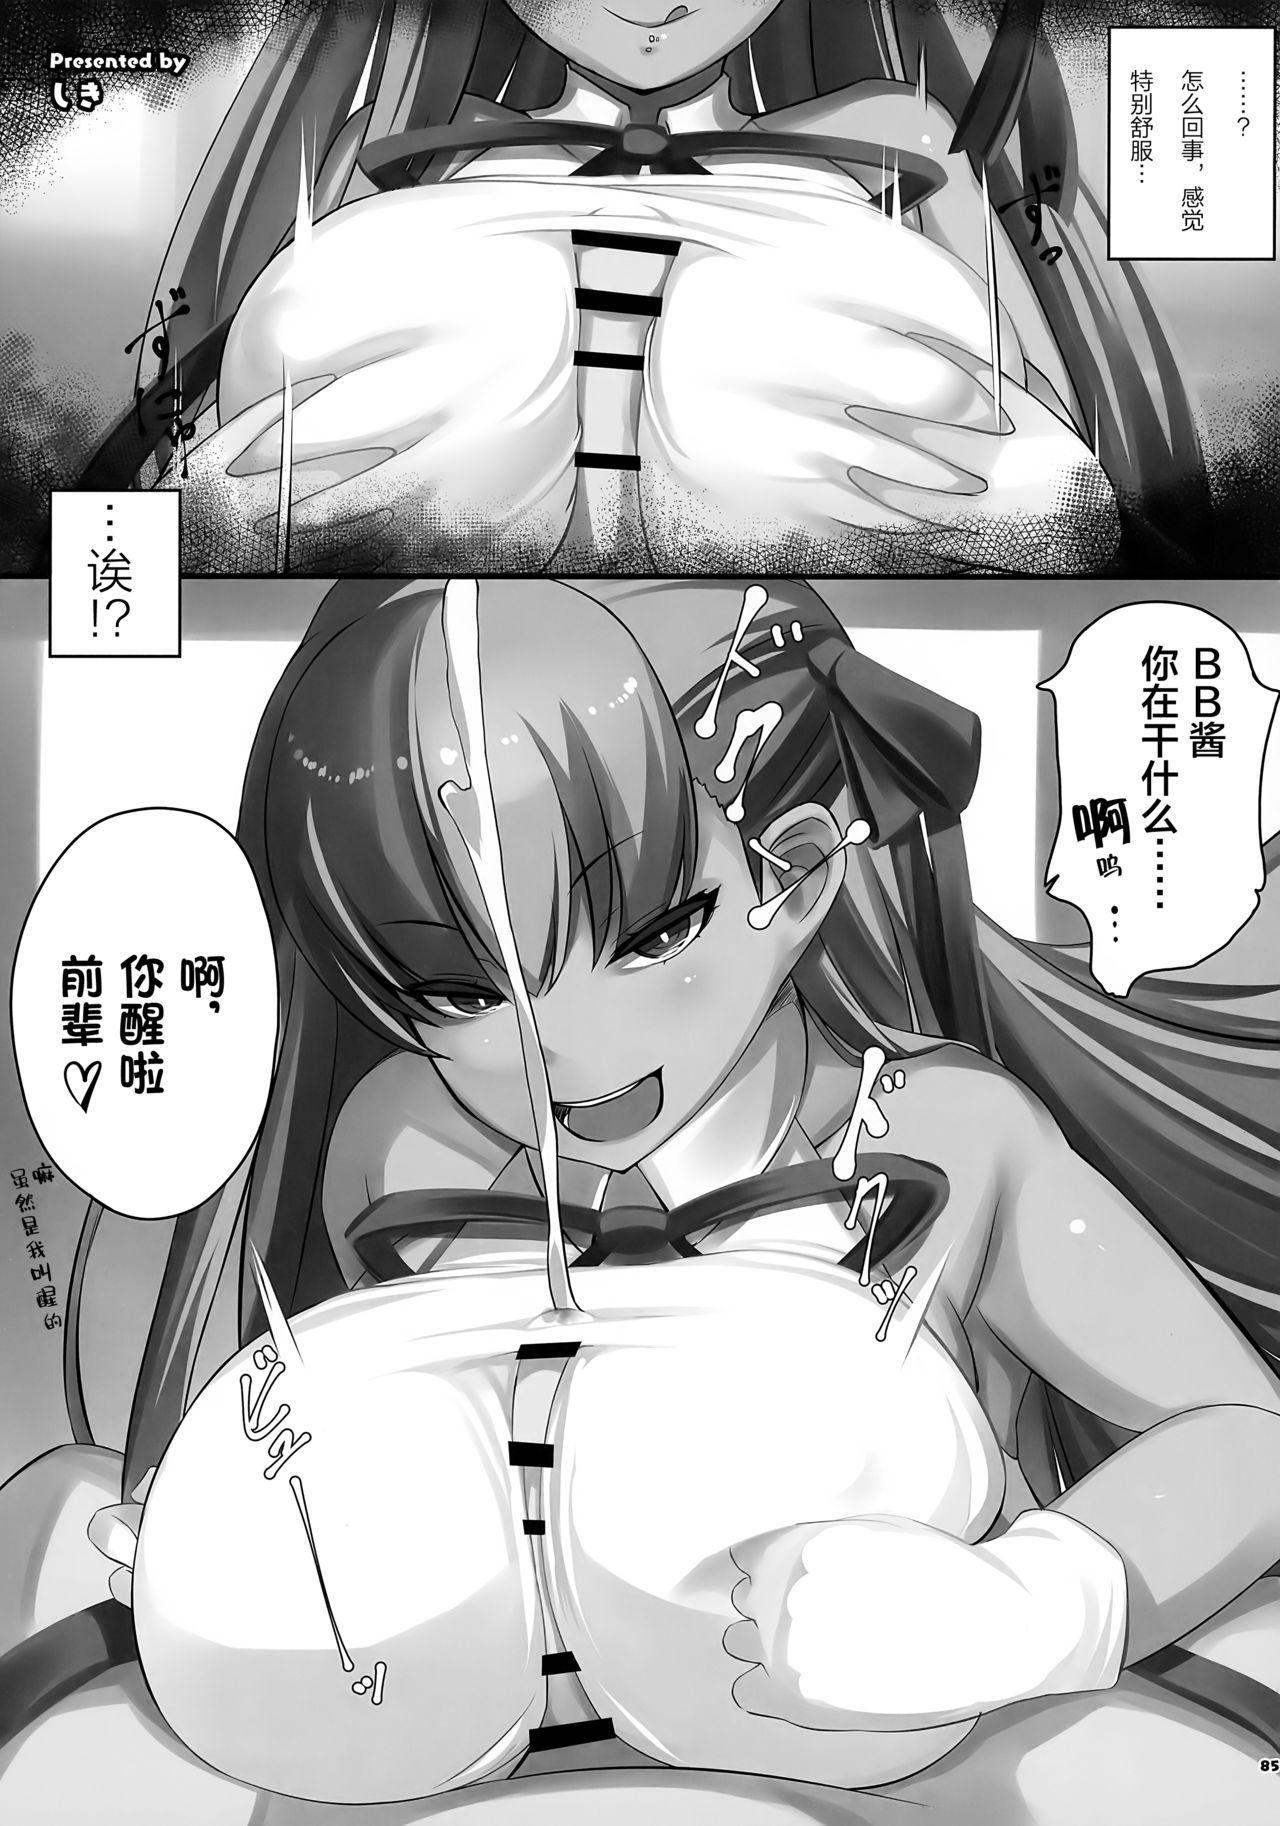 Mizugi BB Sakusei Goudou Intou no Last Resort 85